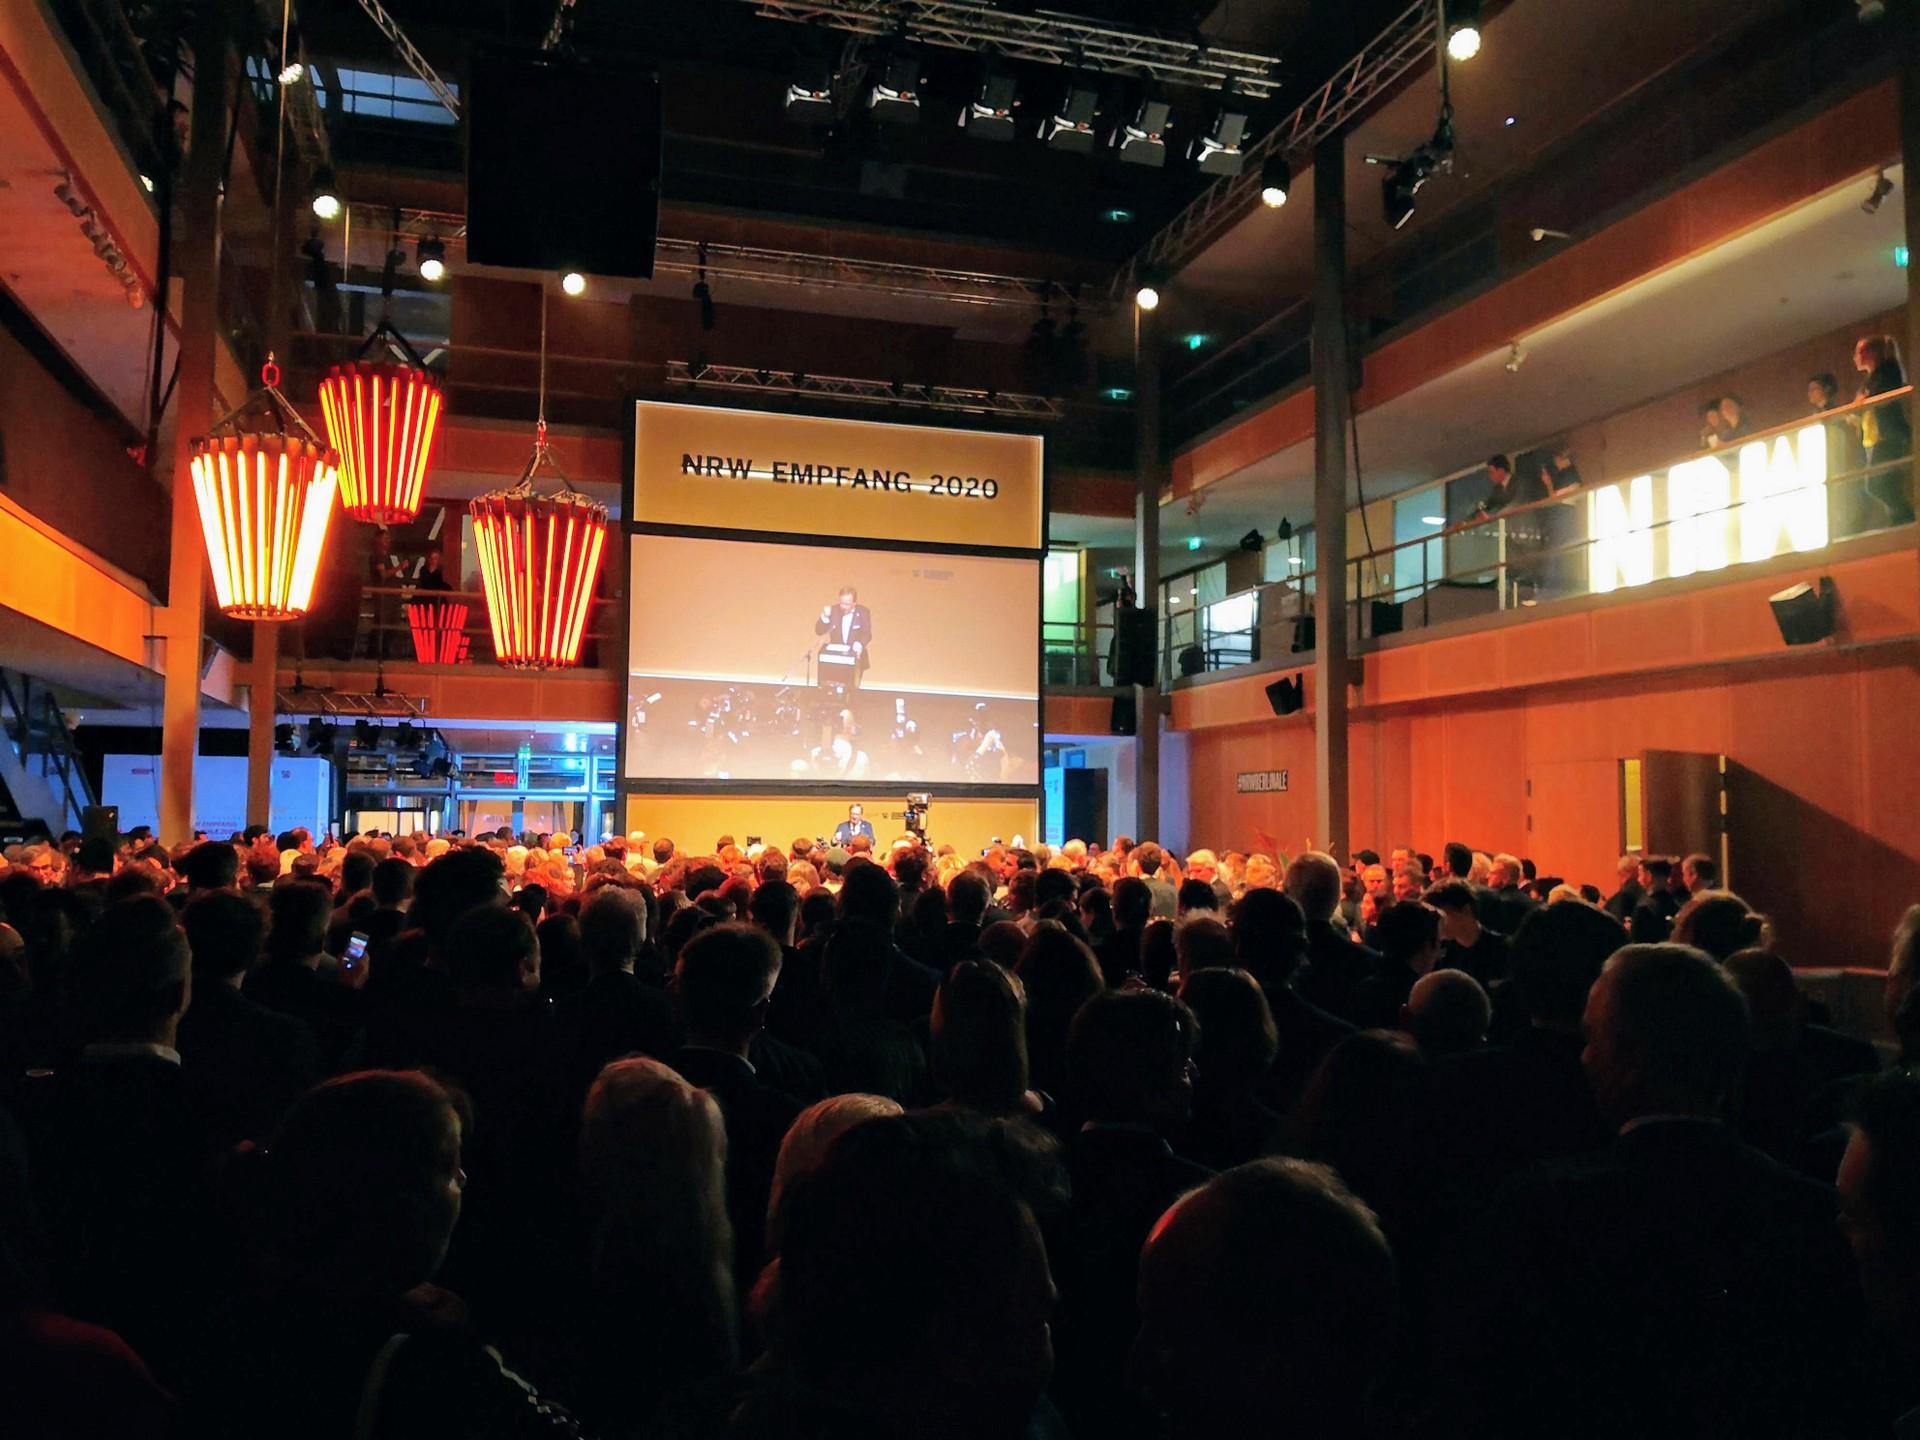 NRW-Emfpang Berlinale 2020 mit Laschet